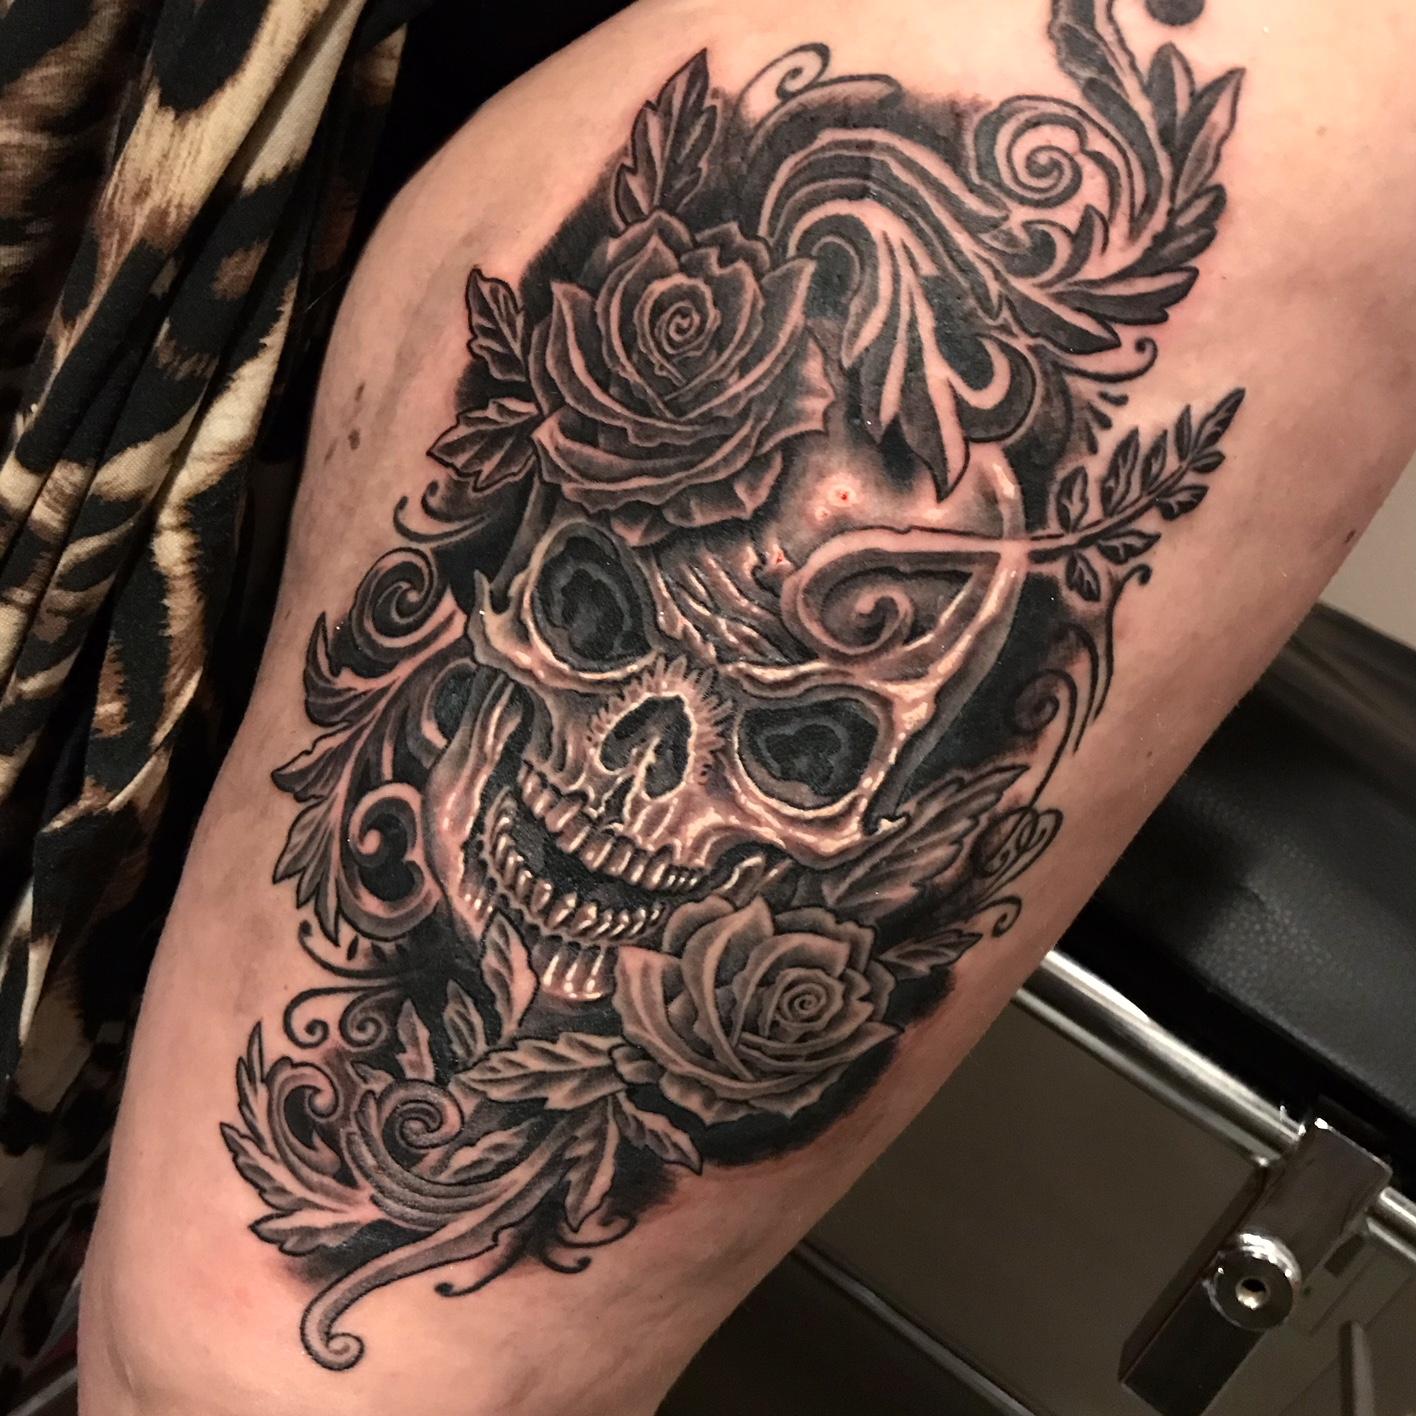 tatuering gävle drop in